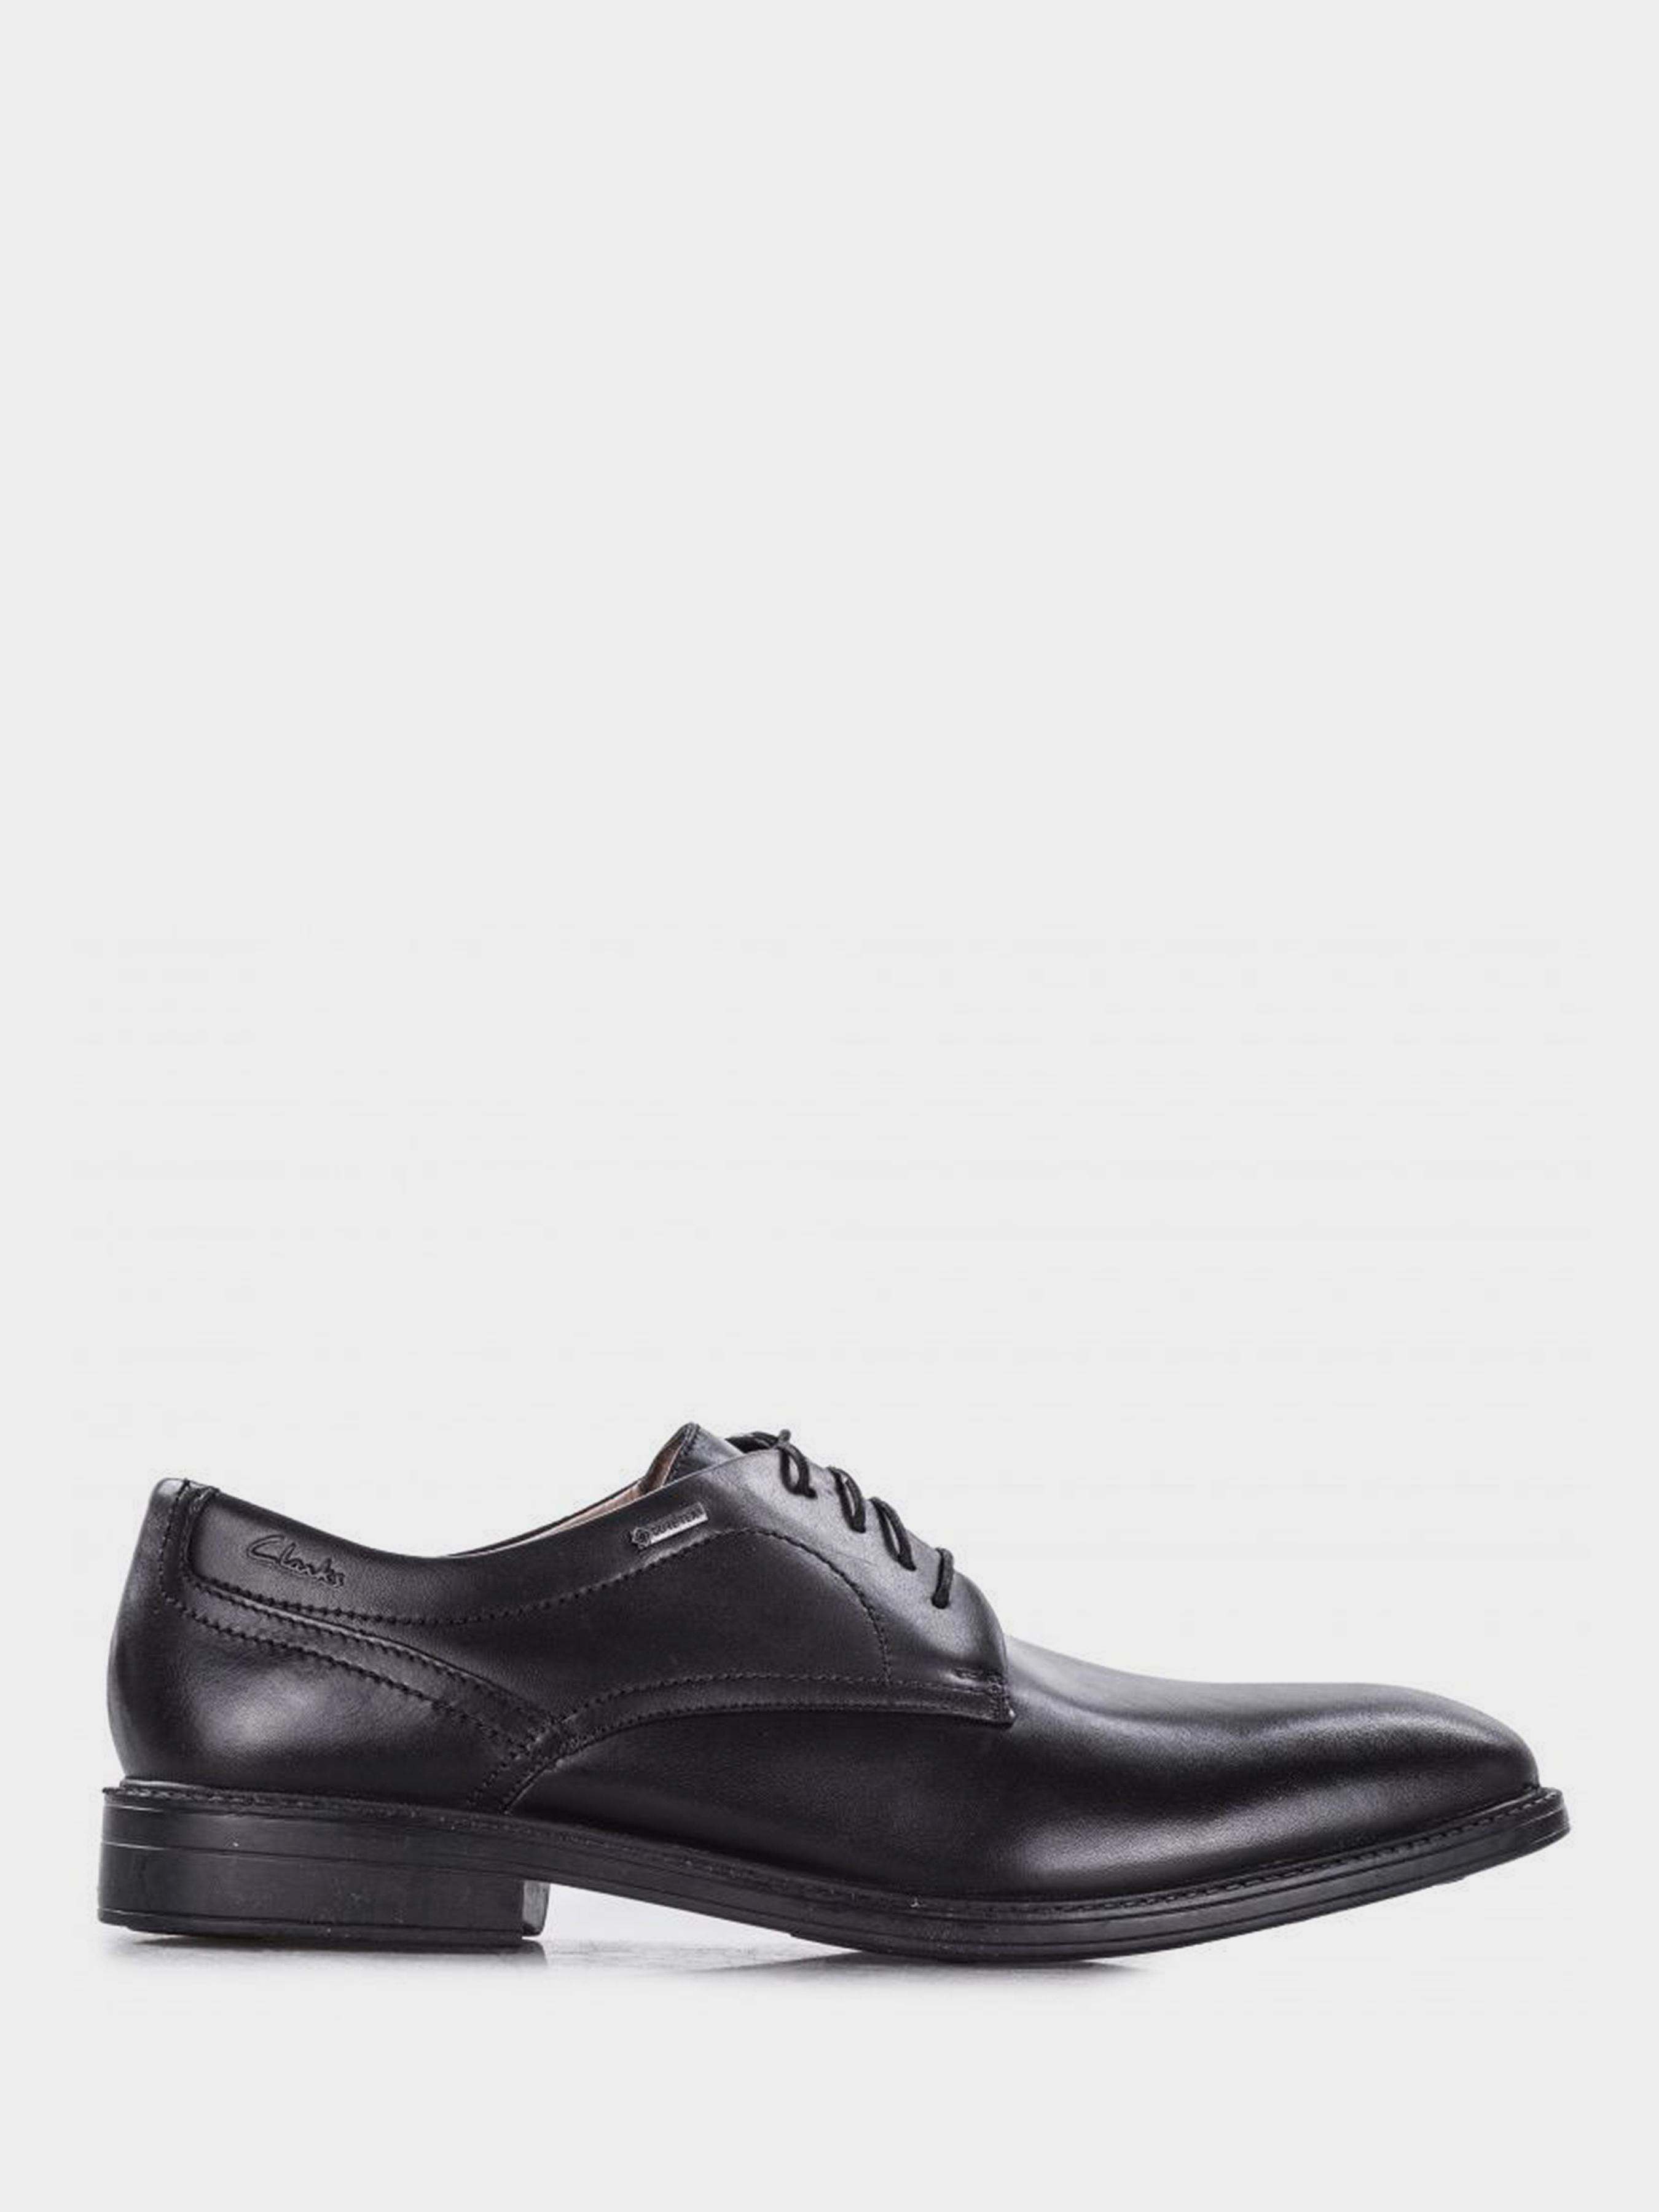 Туфли мужские Clarks Chilver Walk GTX OM2510 фото, купить, 2017